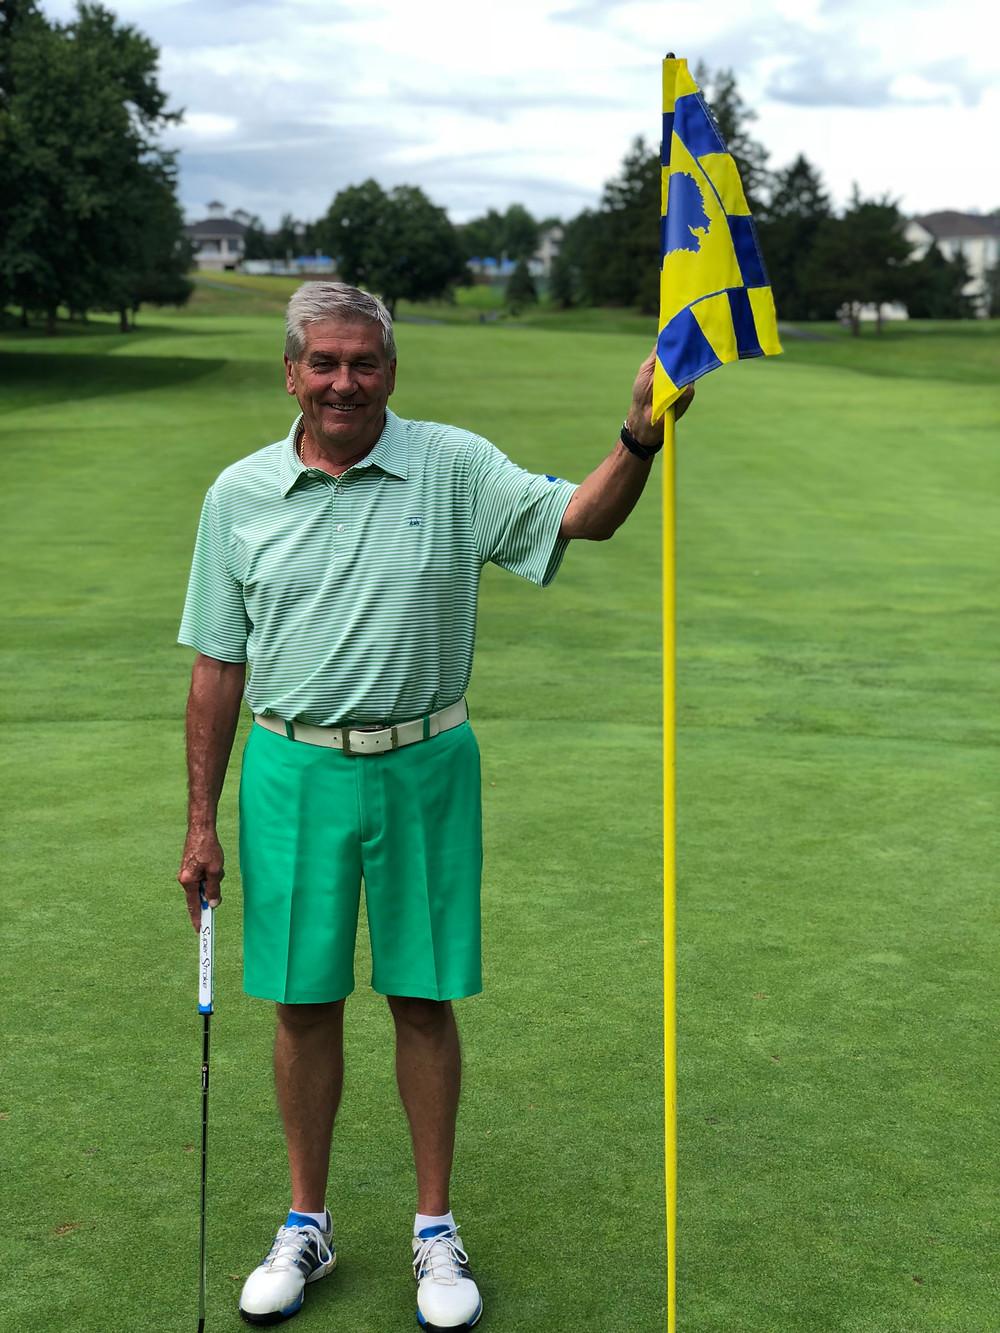 Bill Coe, Knob Hill Golf Club's First Flight Club Champion